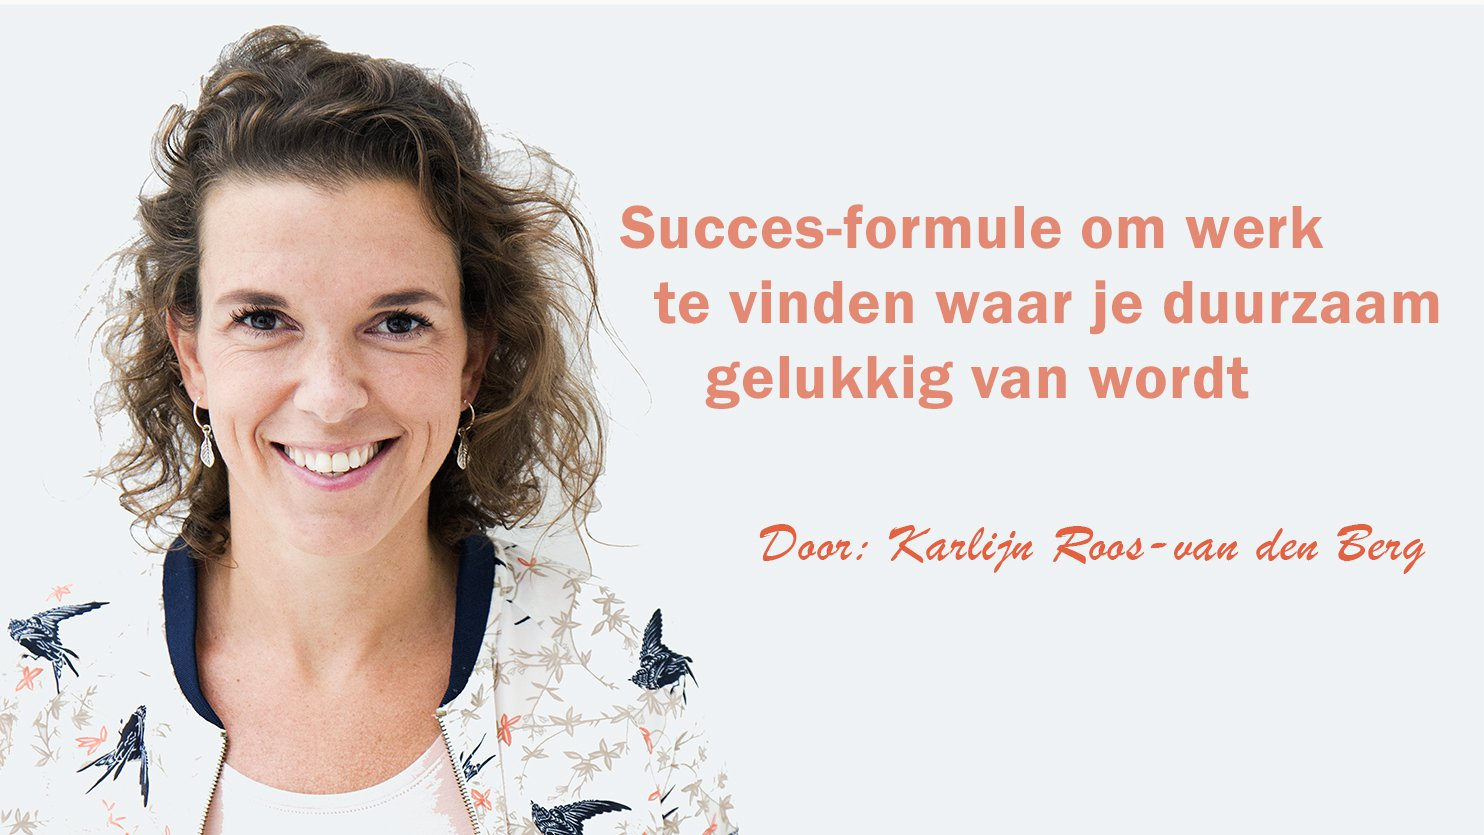 arlijn Roos - van den Berg